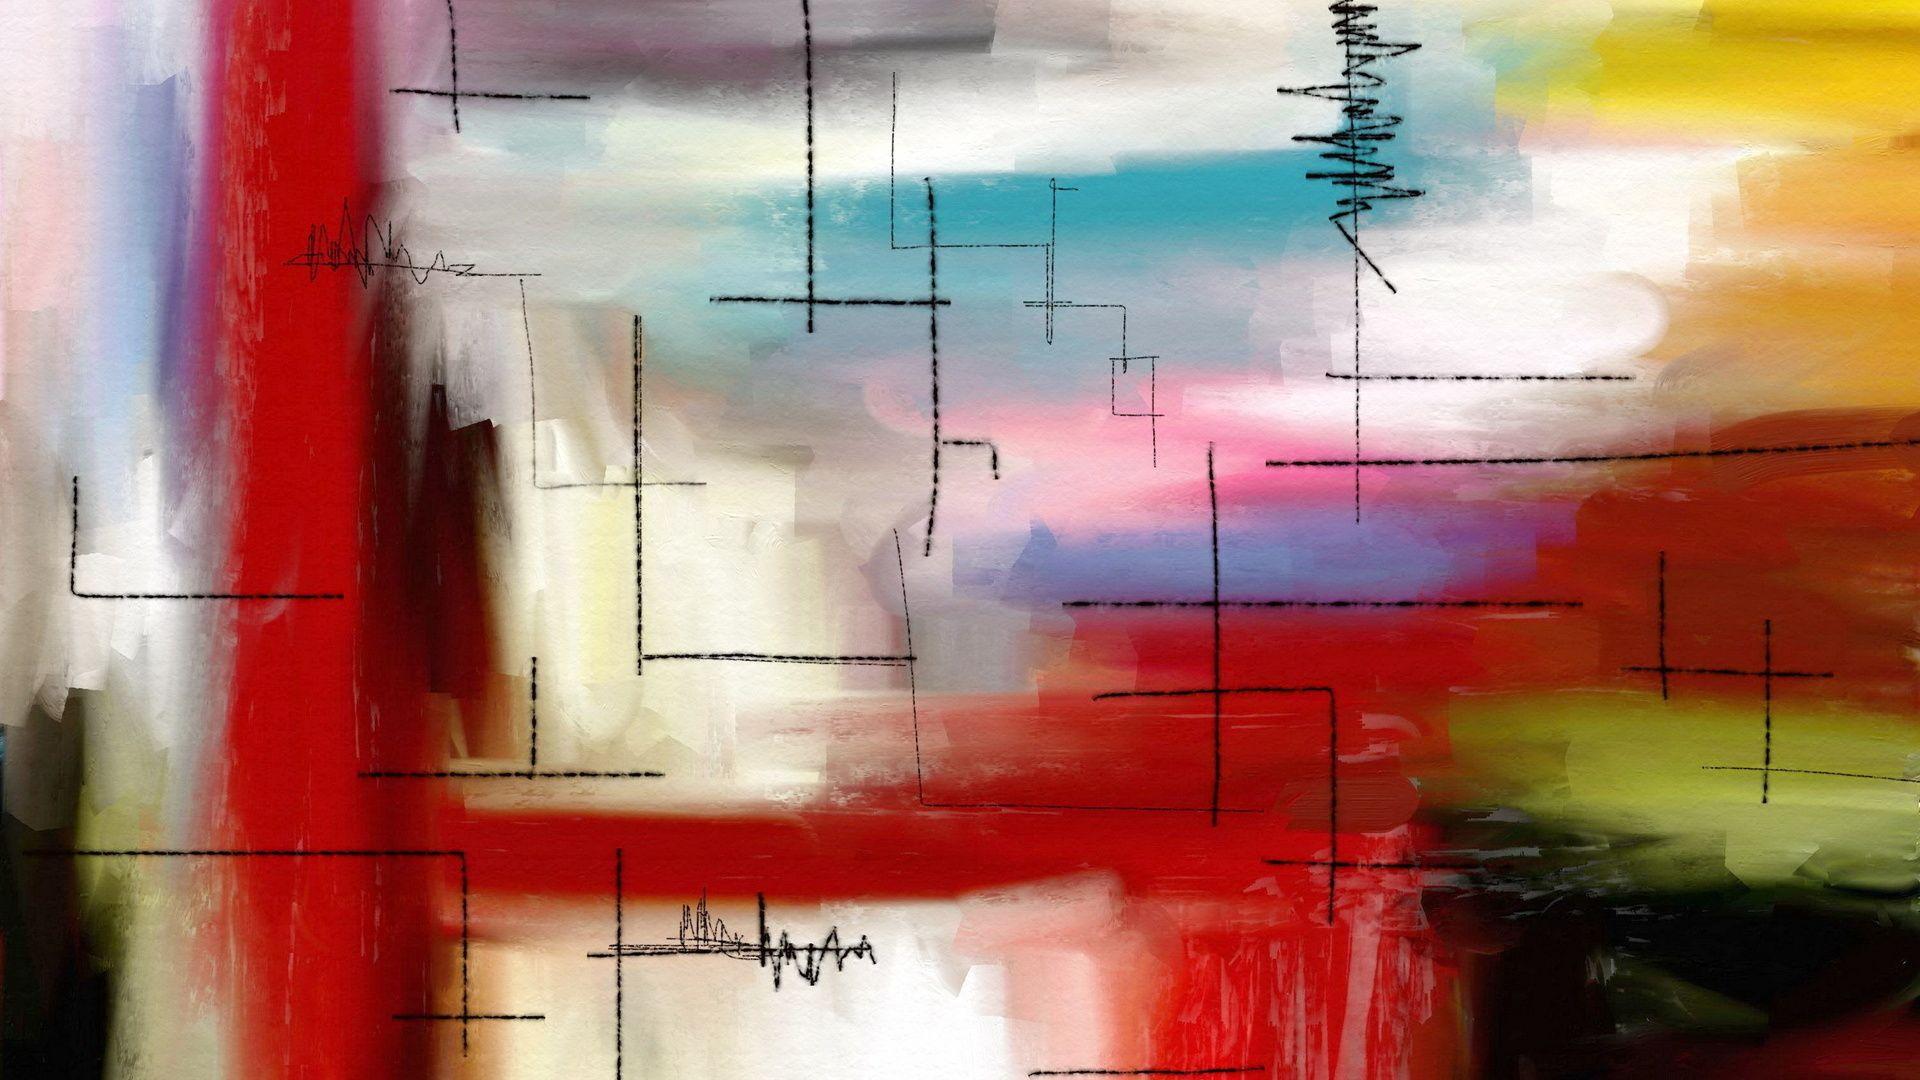 Modern Art hd wallpaper